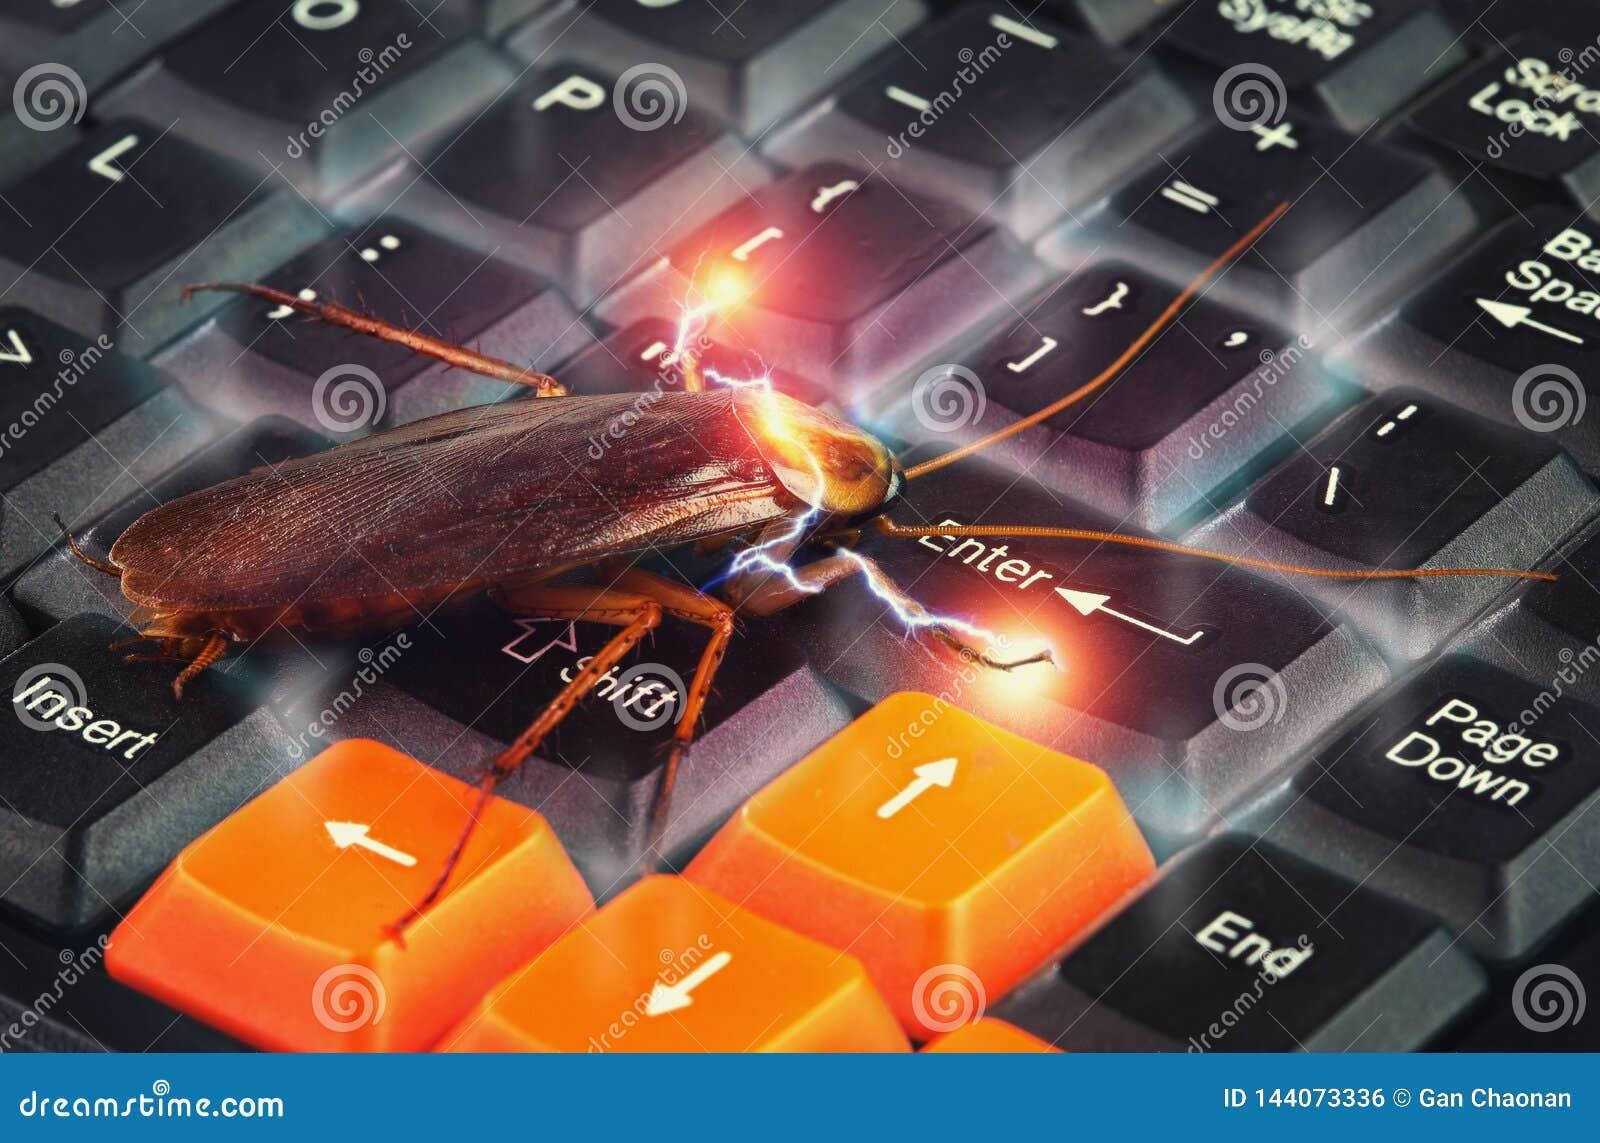 上升在键盘的蟑螂提出关于从病毒攻击的计算机